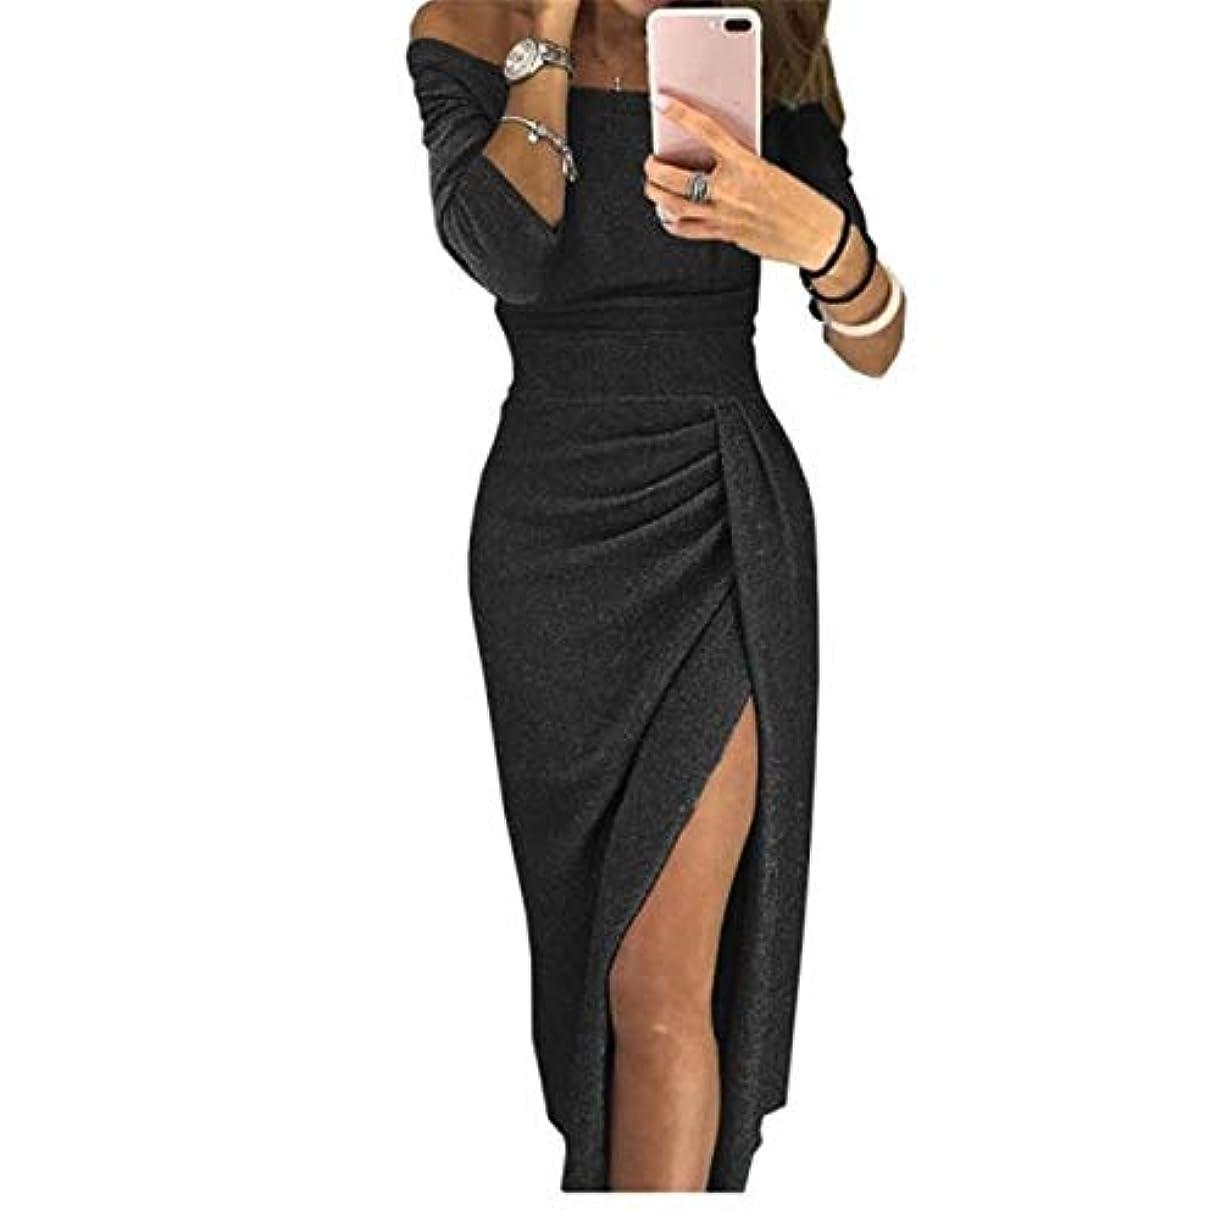 共同選択カーペット産地Onderroa - 夏の女性のドレスはネックパッケージヒップスプリットセクシーなスパンコールのドレスレディース包帯パーティーナイトクラブミッドカーフ服装スラッシュ